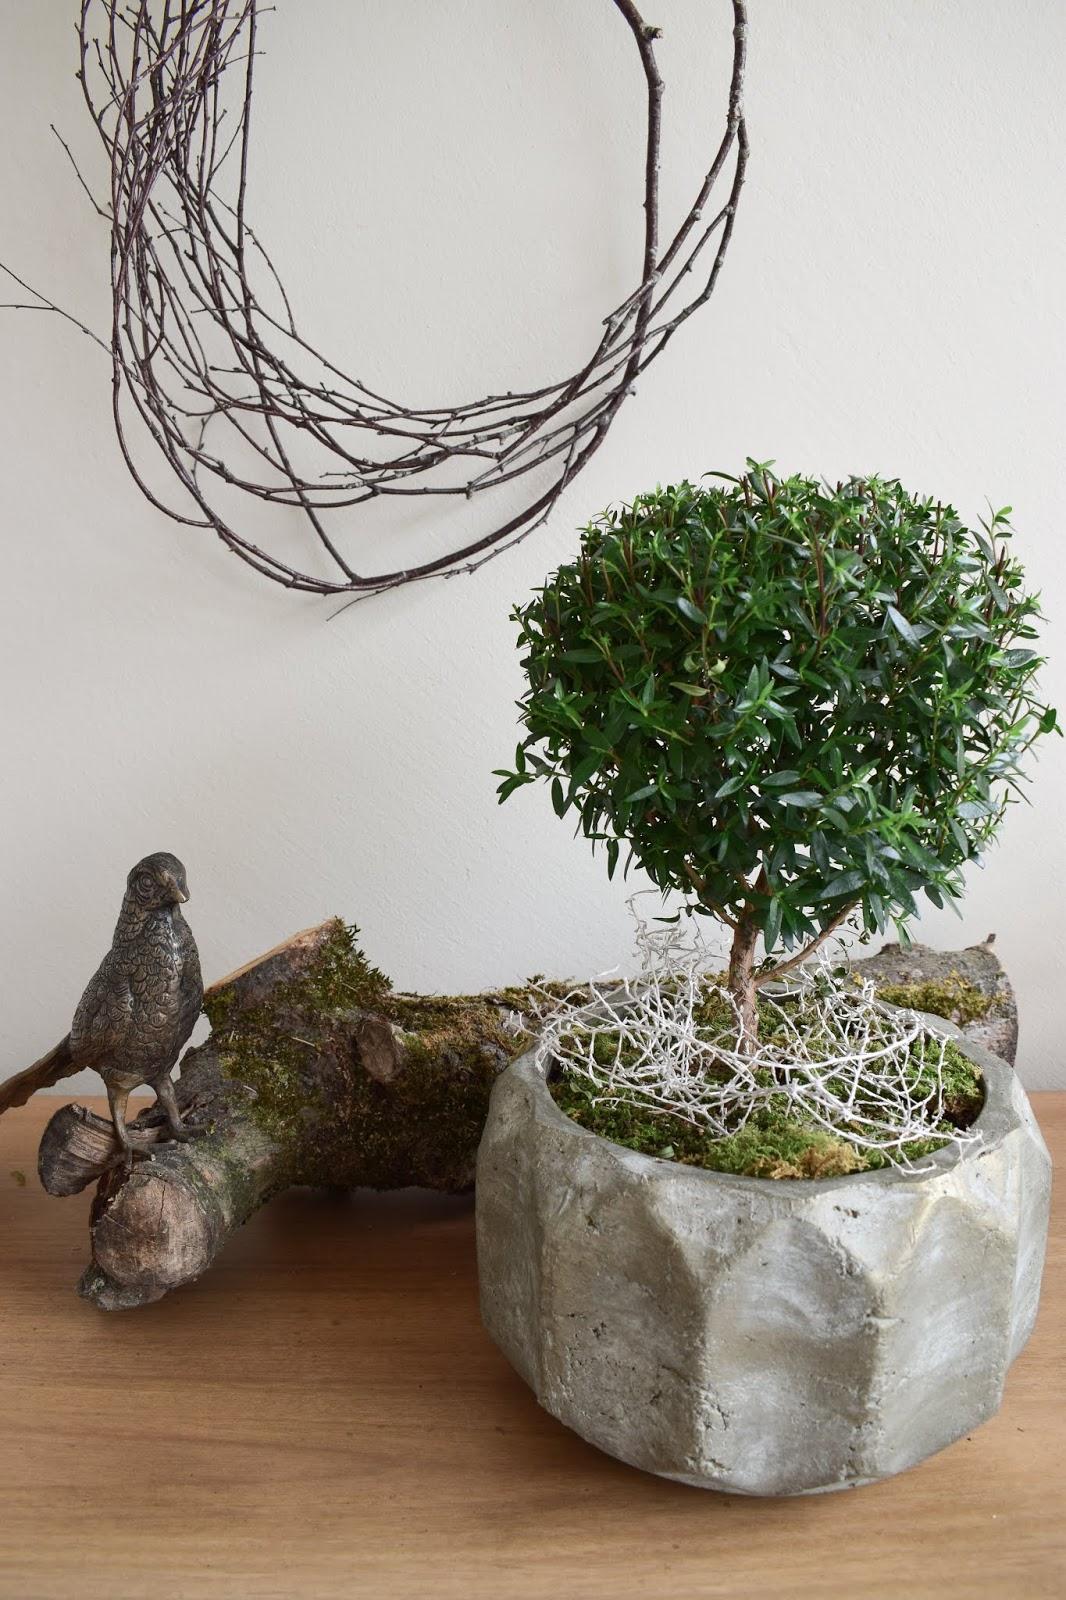 Naturdeko mit Topfpflanze: Verschönerung Übertopf Zimmerpflanze mit Moos Eukalyptus Schleierkraut. Myrte Dekoidee Deko Dekoration Übertopf natürlich dekorieren einfach selbermachen